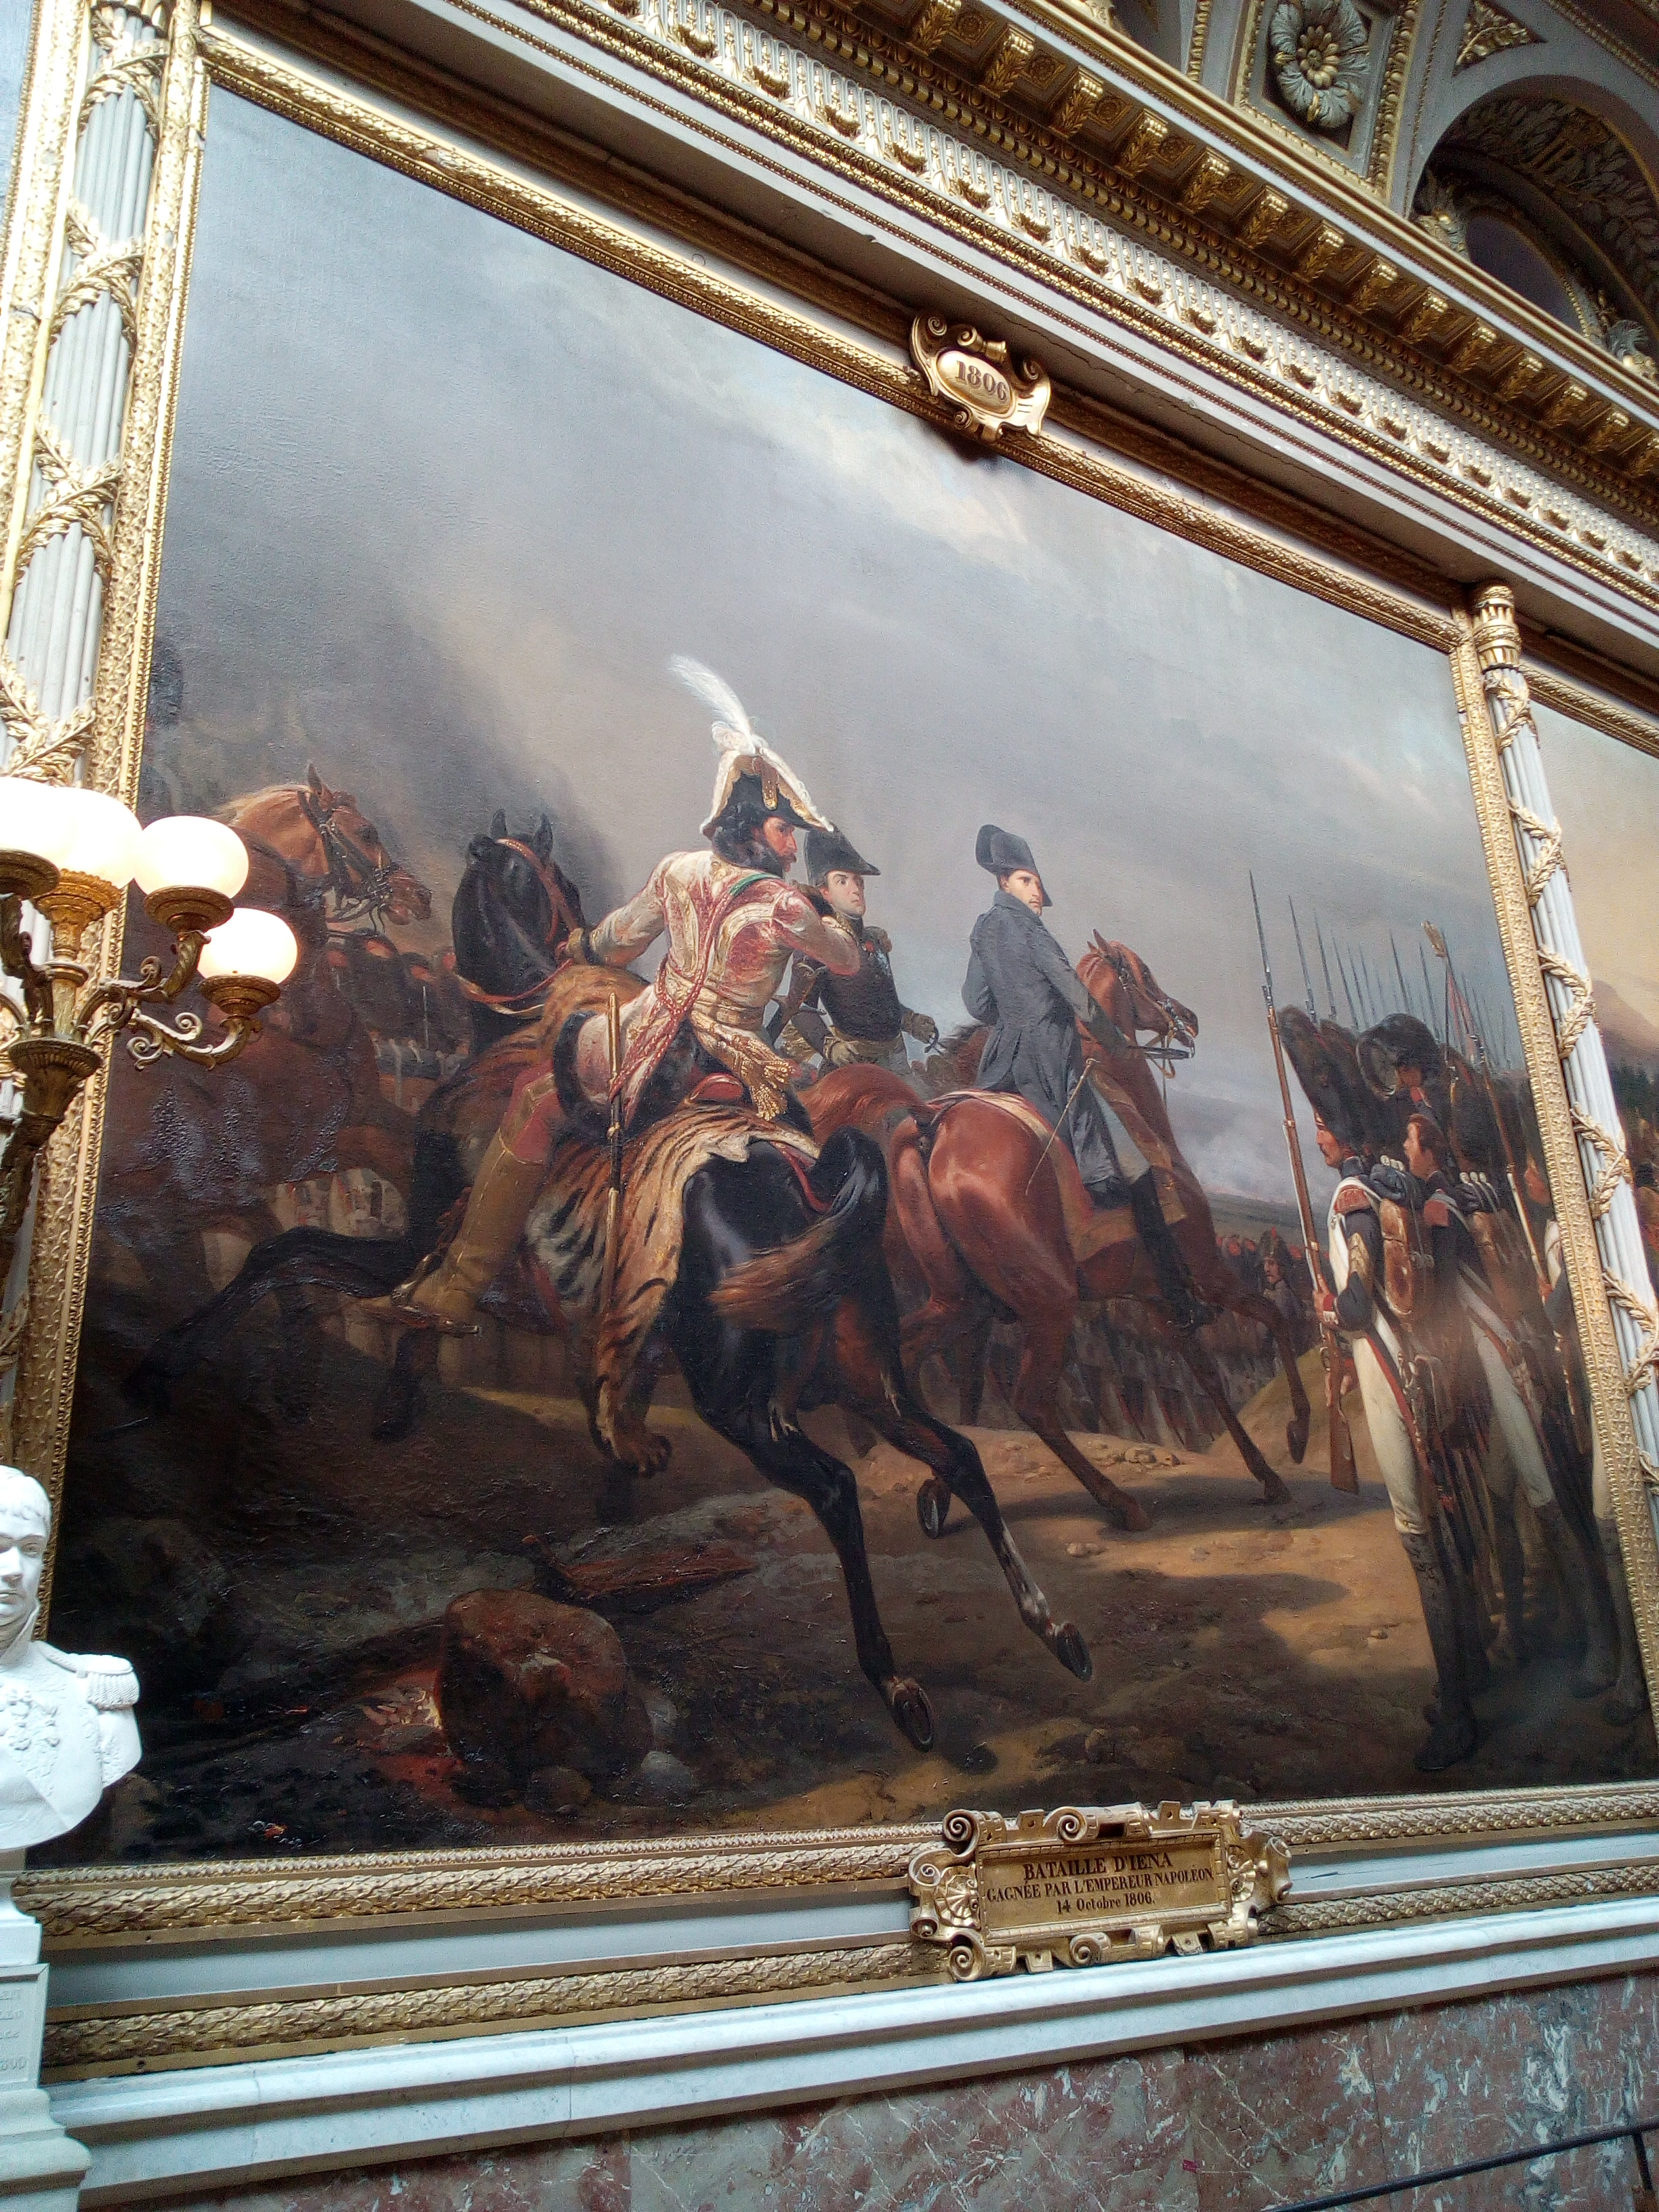 Galerie des Batailles du château de Versailles, Bataille d'Iéna 1806, Vernet